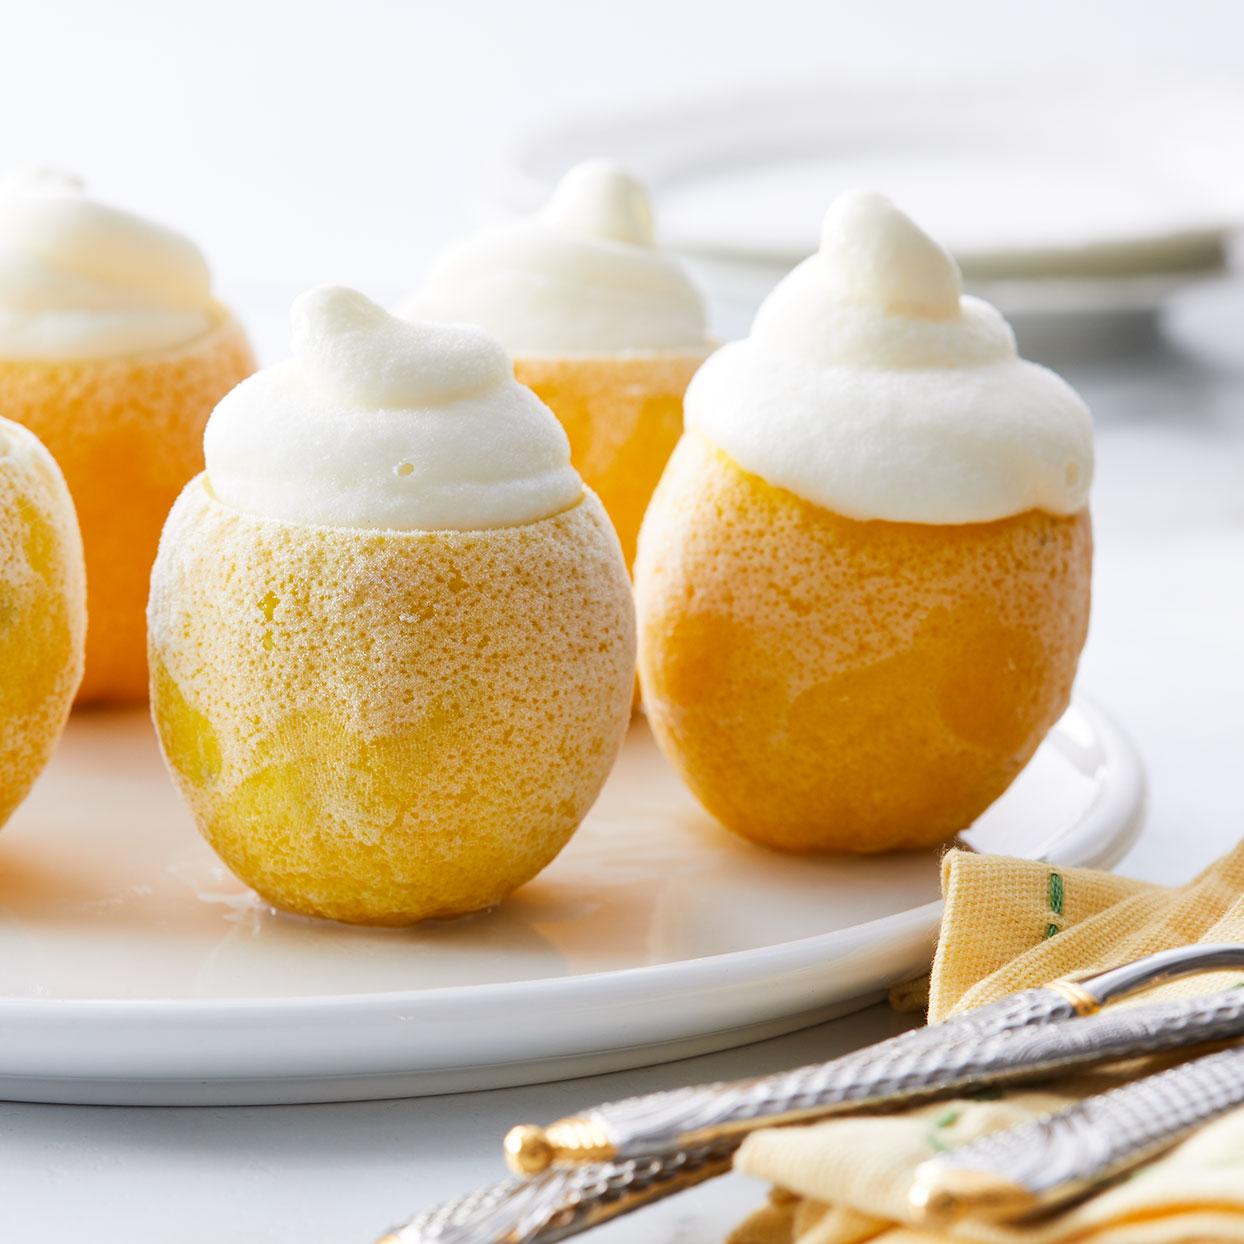 Lemon Frozen Yogurt Ripieno Trusted Brands